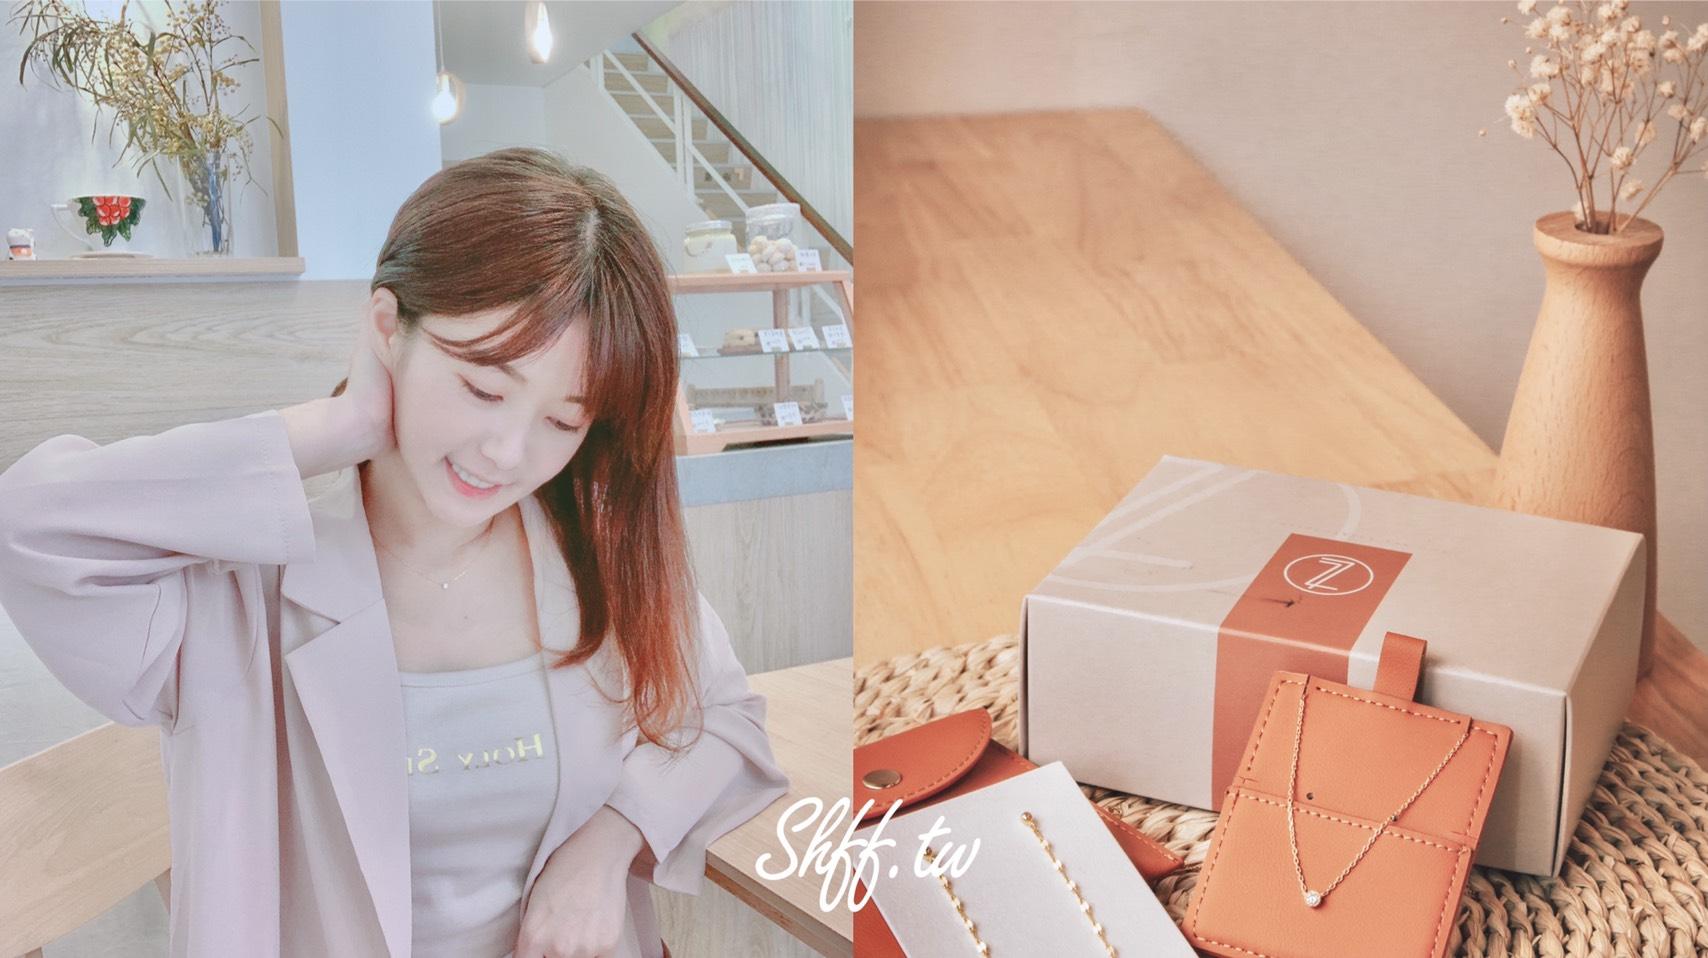 打造氣質小女人必備的百搭飾品-輕珠寶LZL Jewelry,約會、上班都合適的超美型飾品系列!